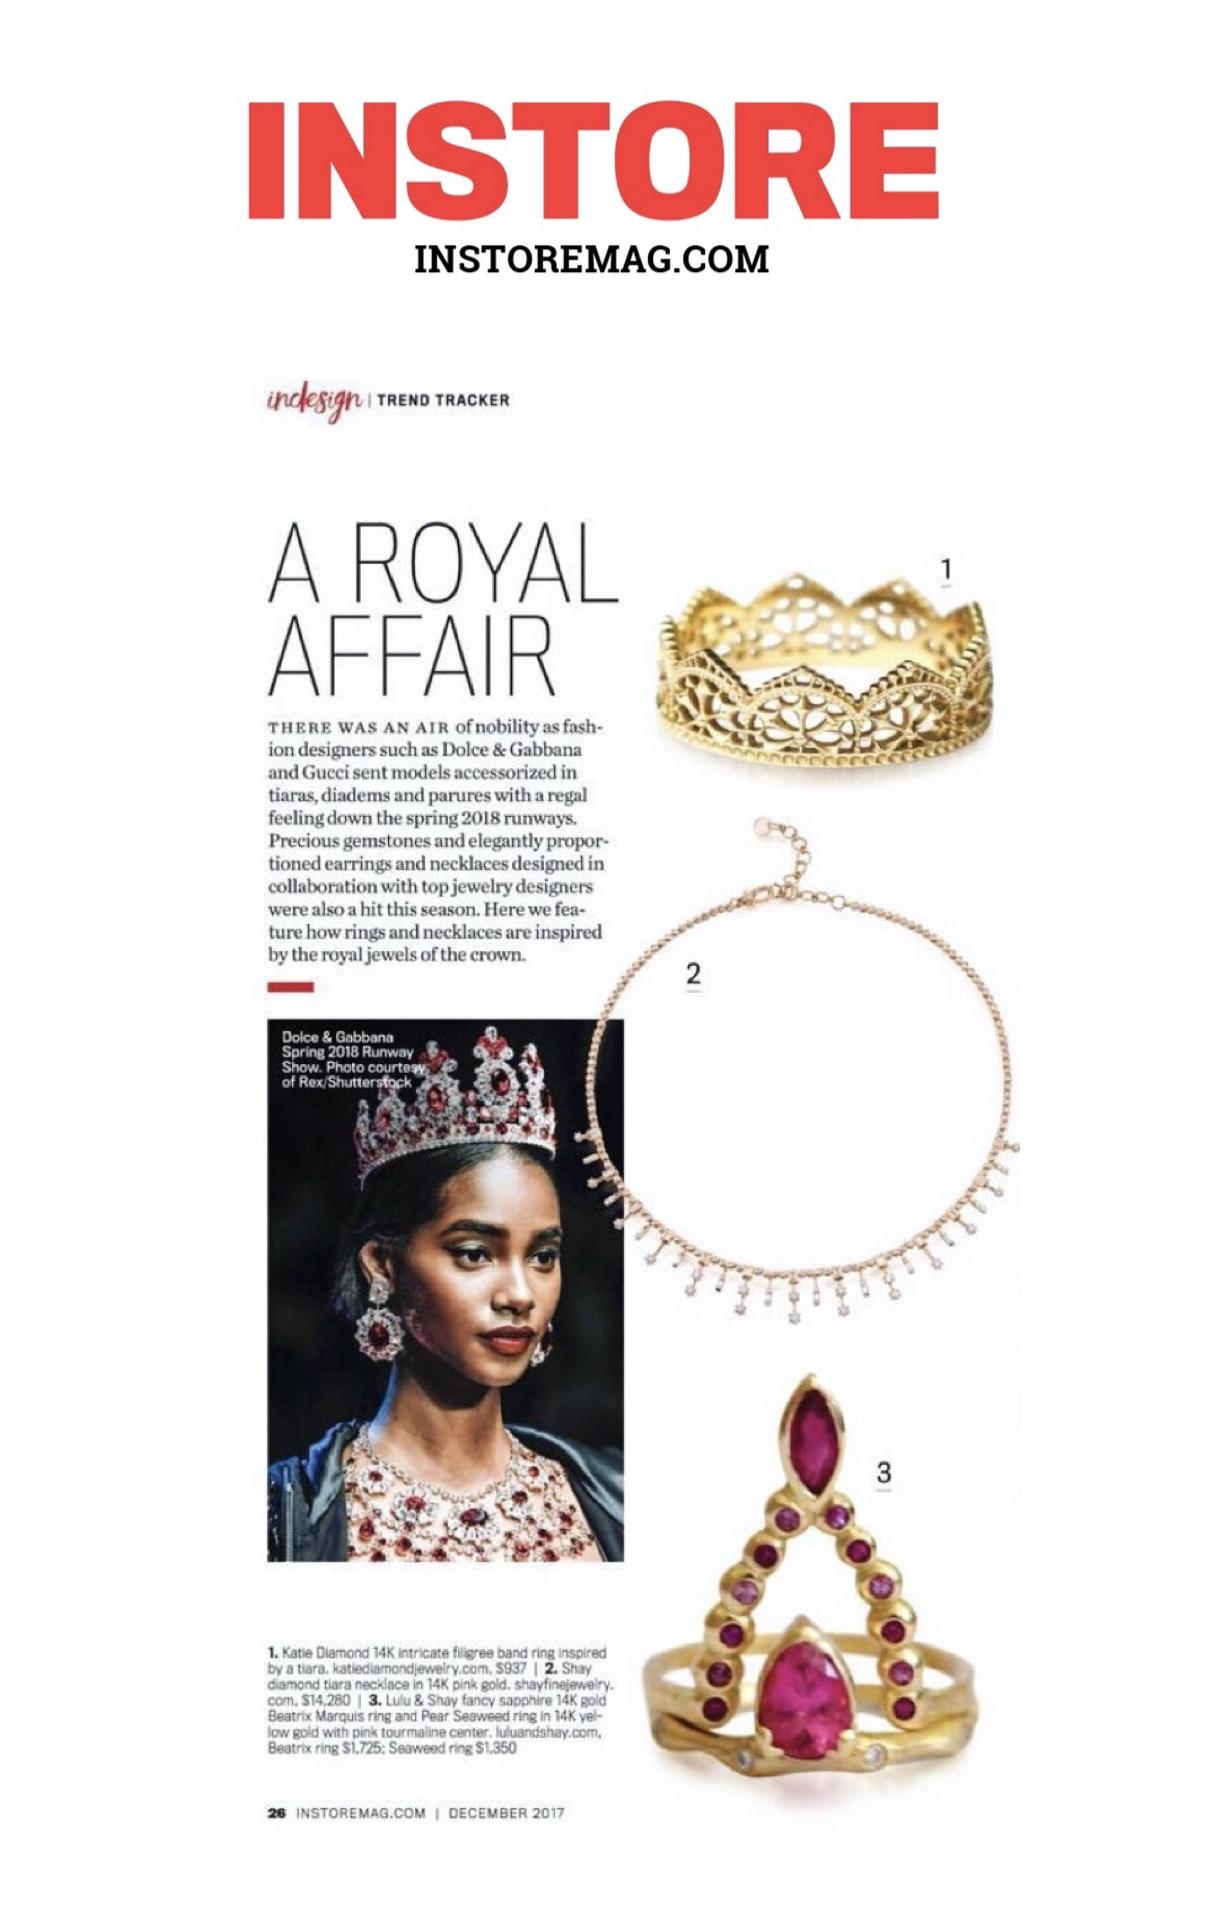 Instore Magazine A Royal Affair